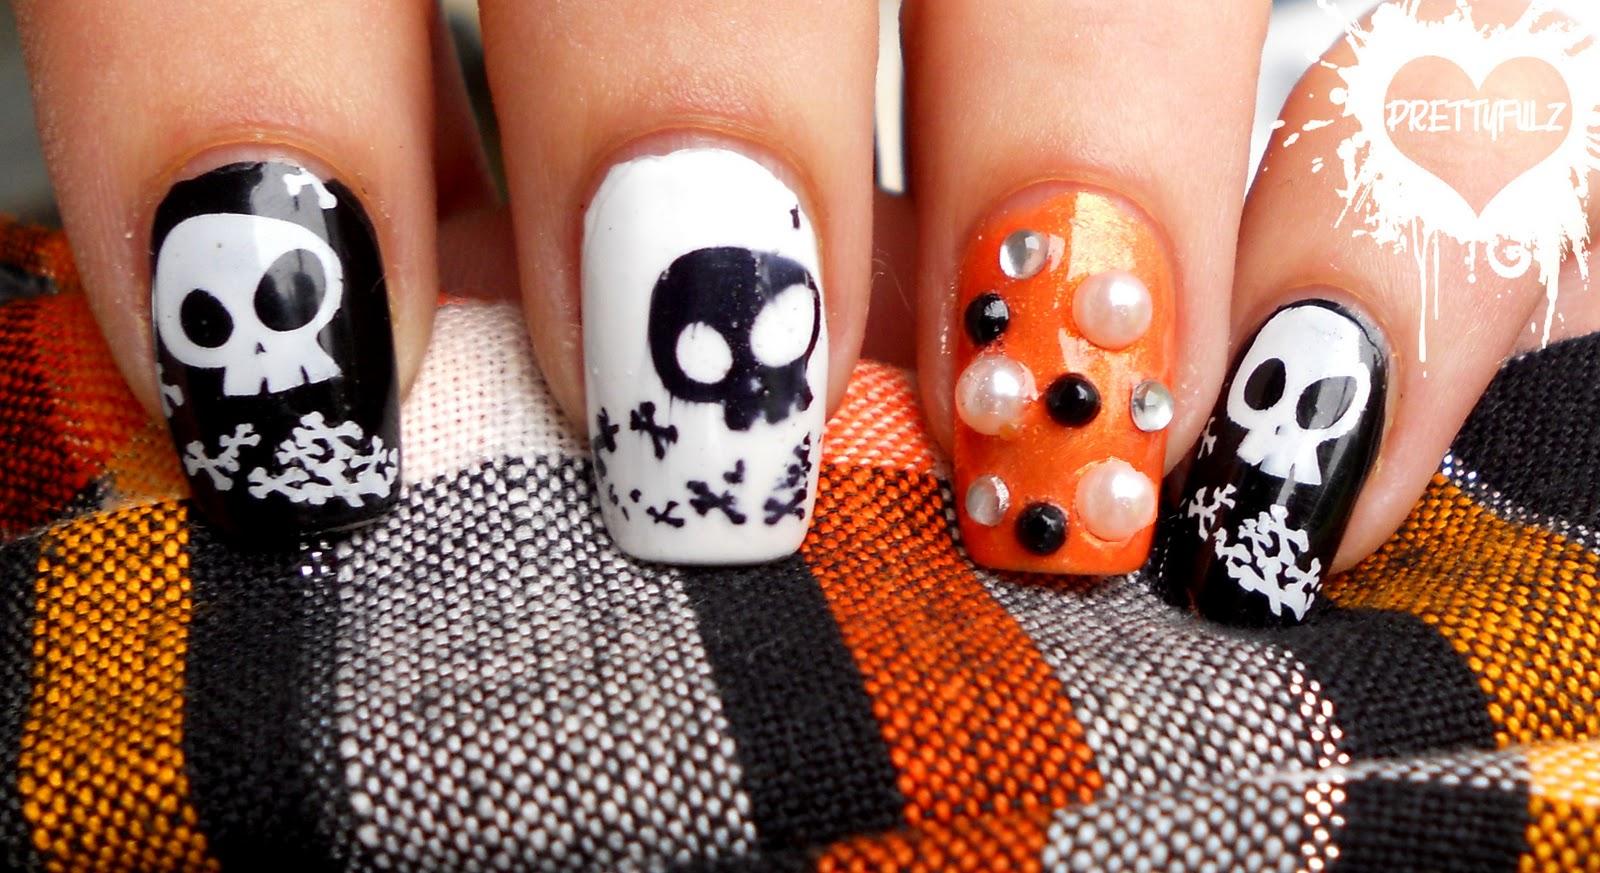 nails Halloween Nail Art